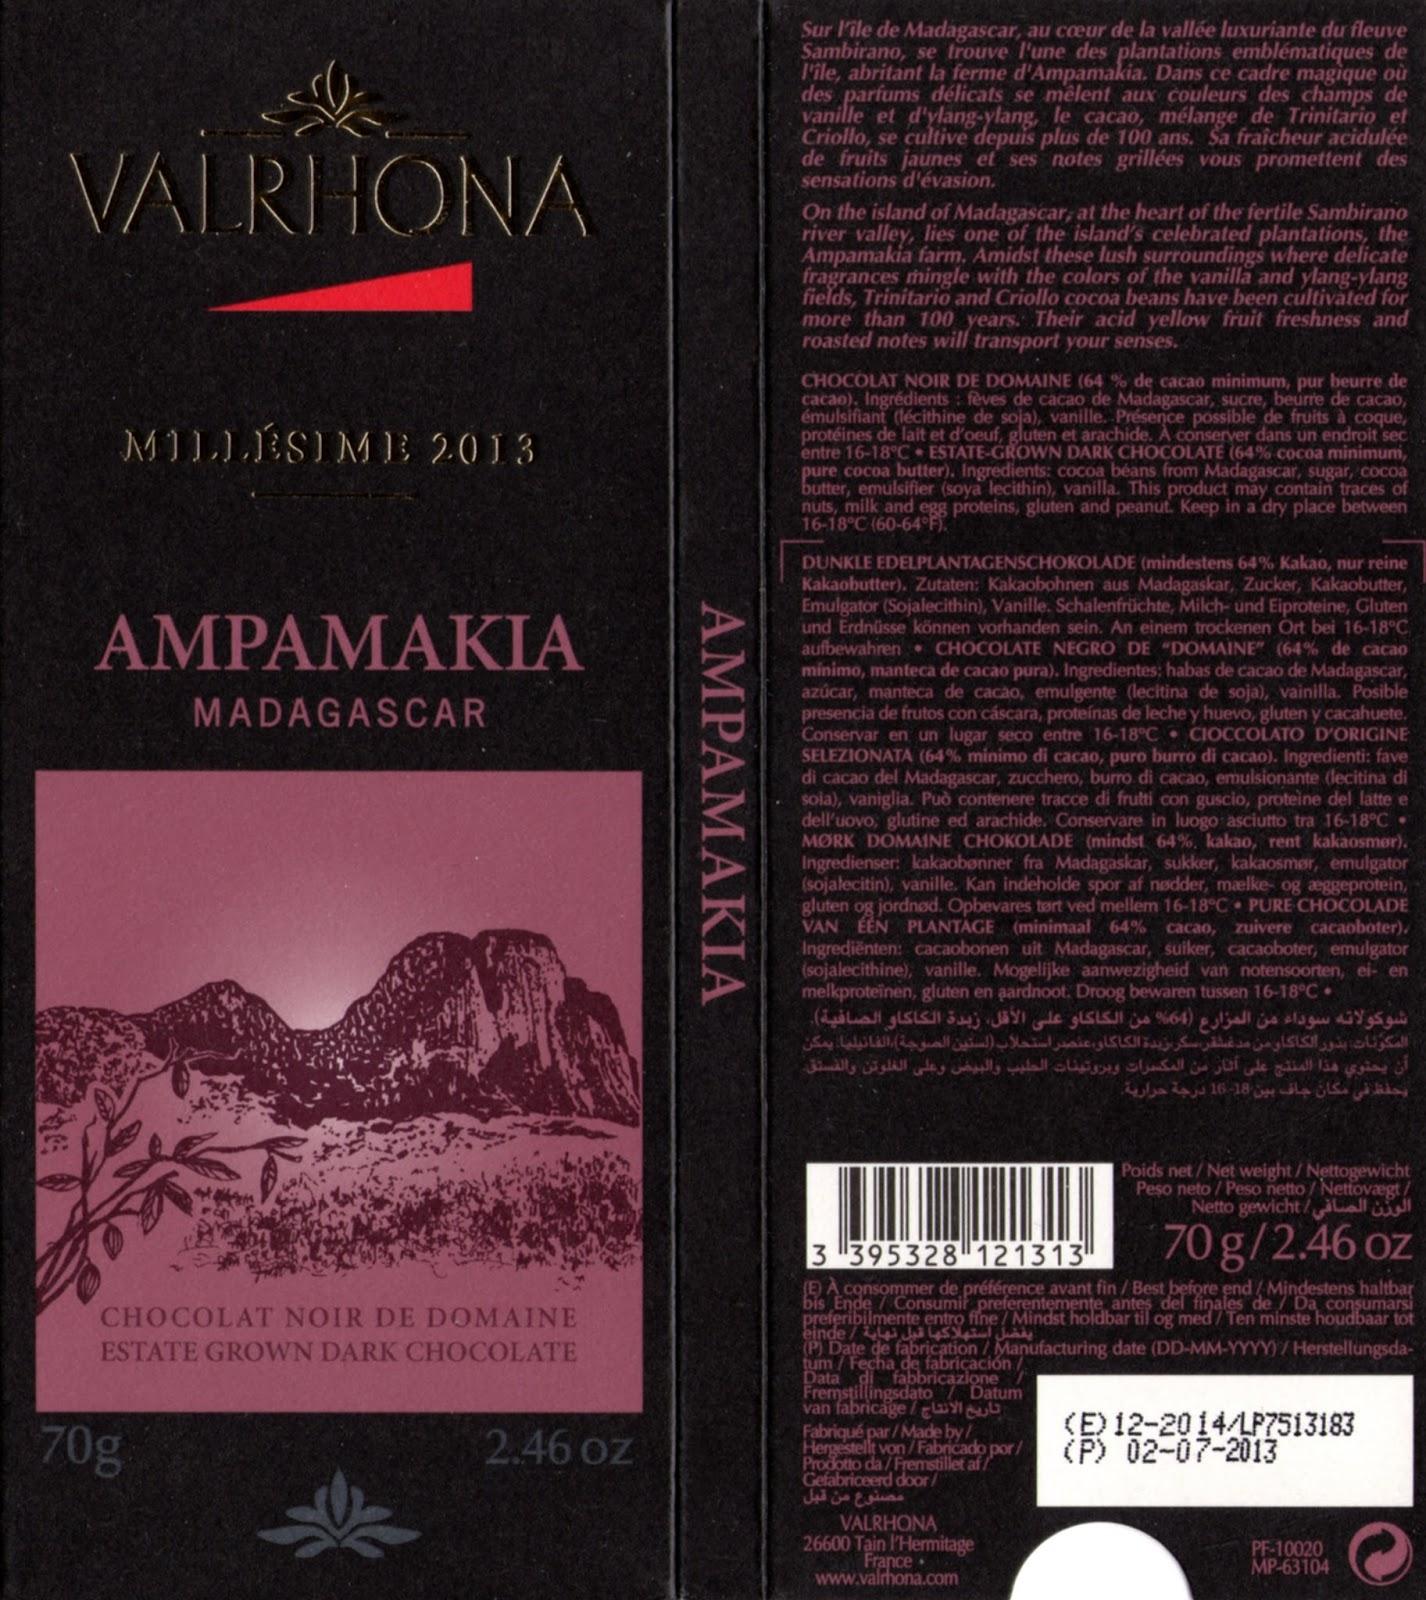 tablette de chocolat noir dégustation valrhona noir de domaine ampamakia madagascar 2013